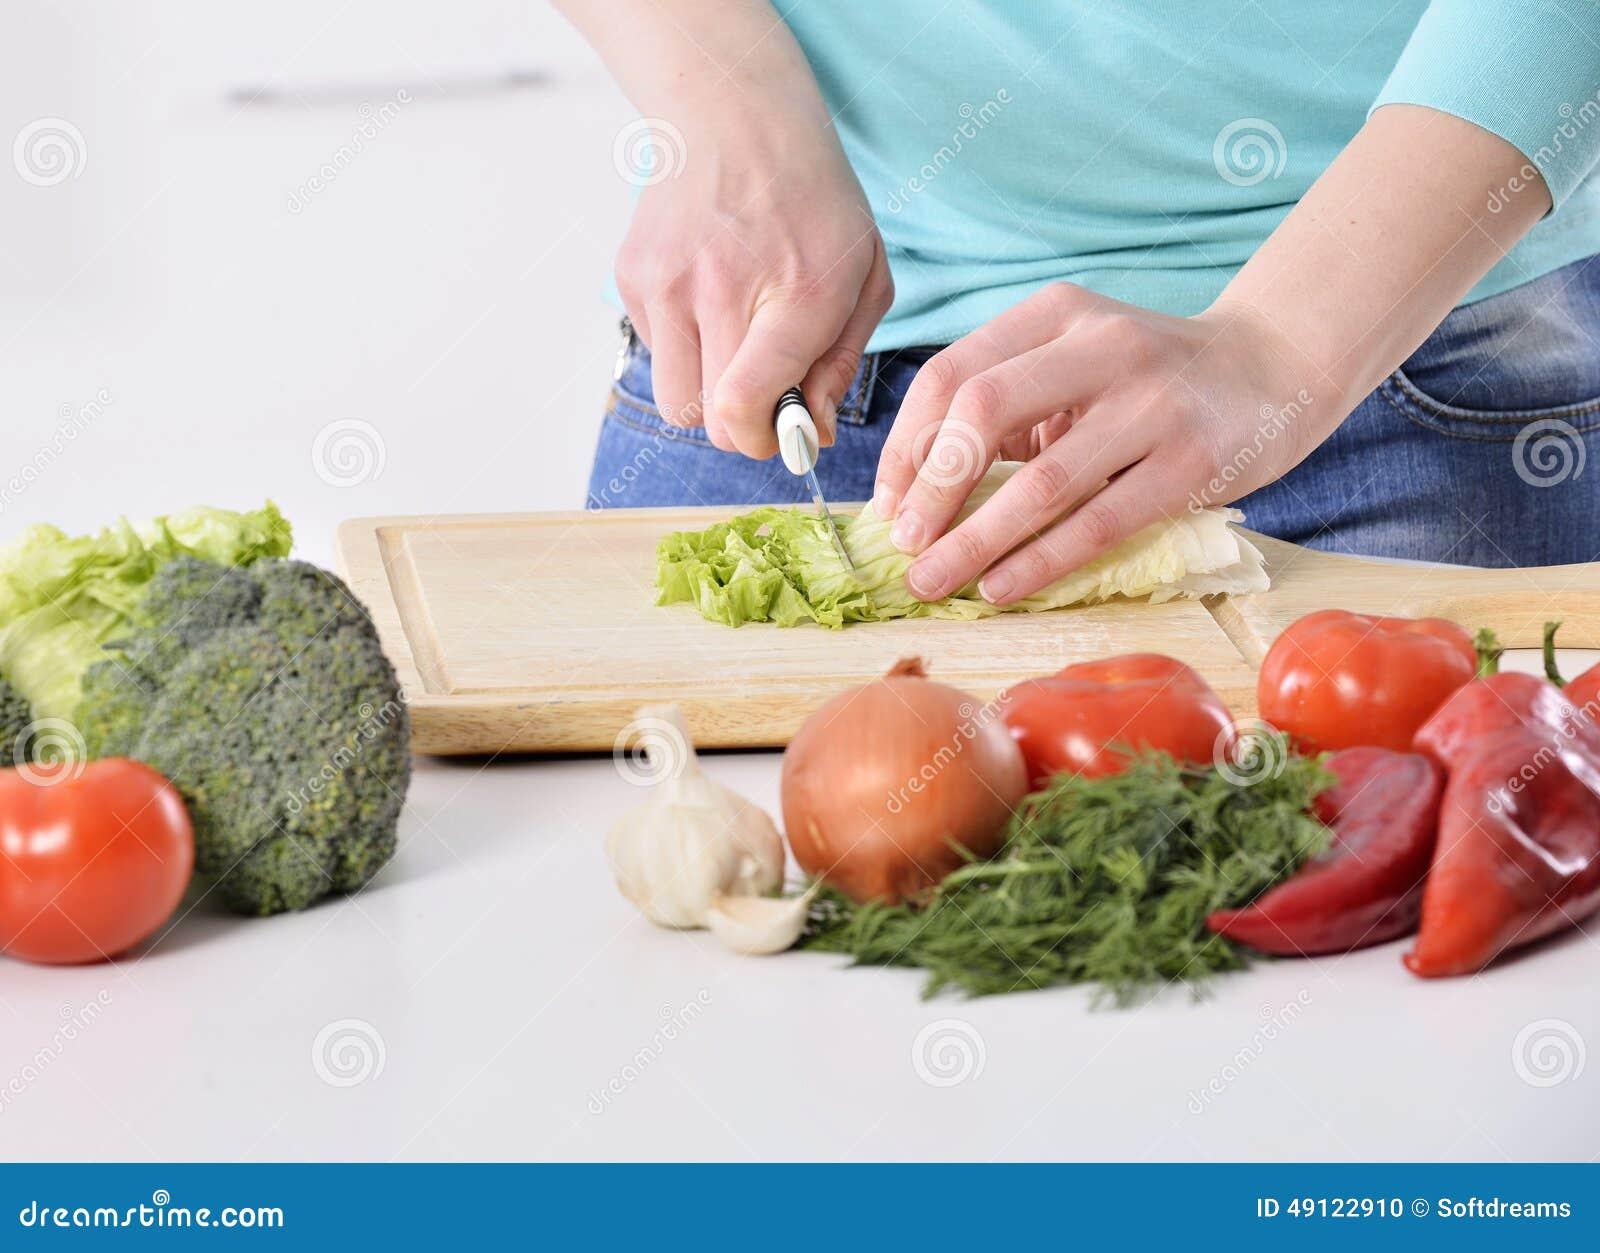 Frau, die in der neuen Küche bildet gesunde Nahrung mit Gemüse kocht